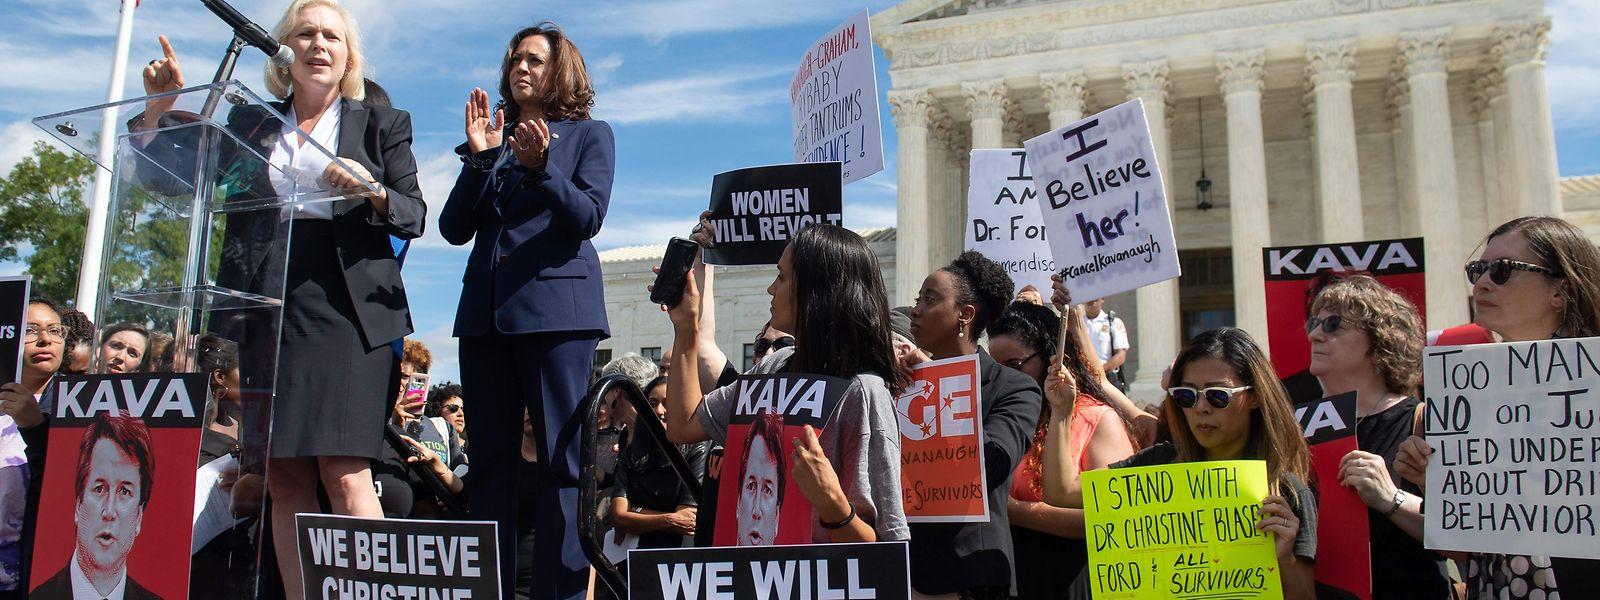 Die Proteste gegen eine mögliche Ernennung dauerten am Freitag an.